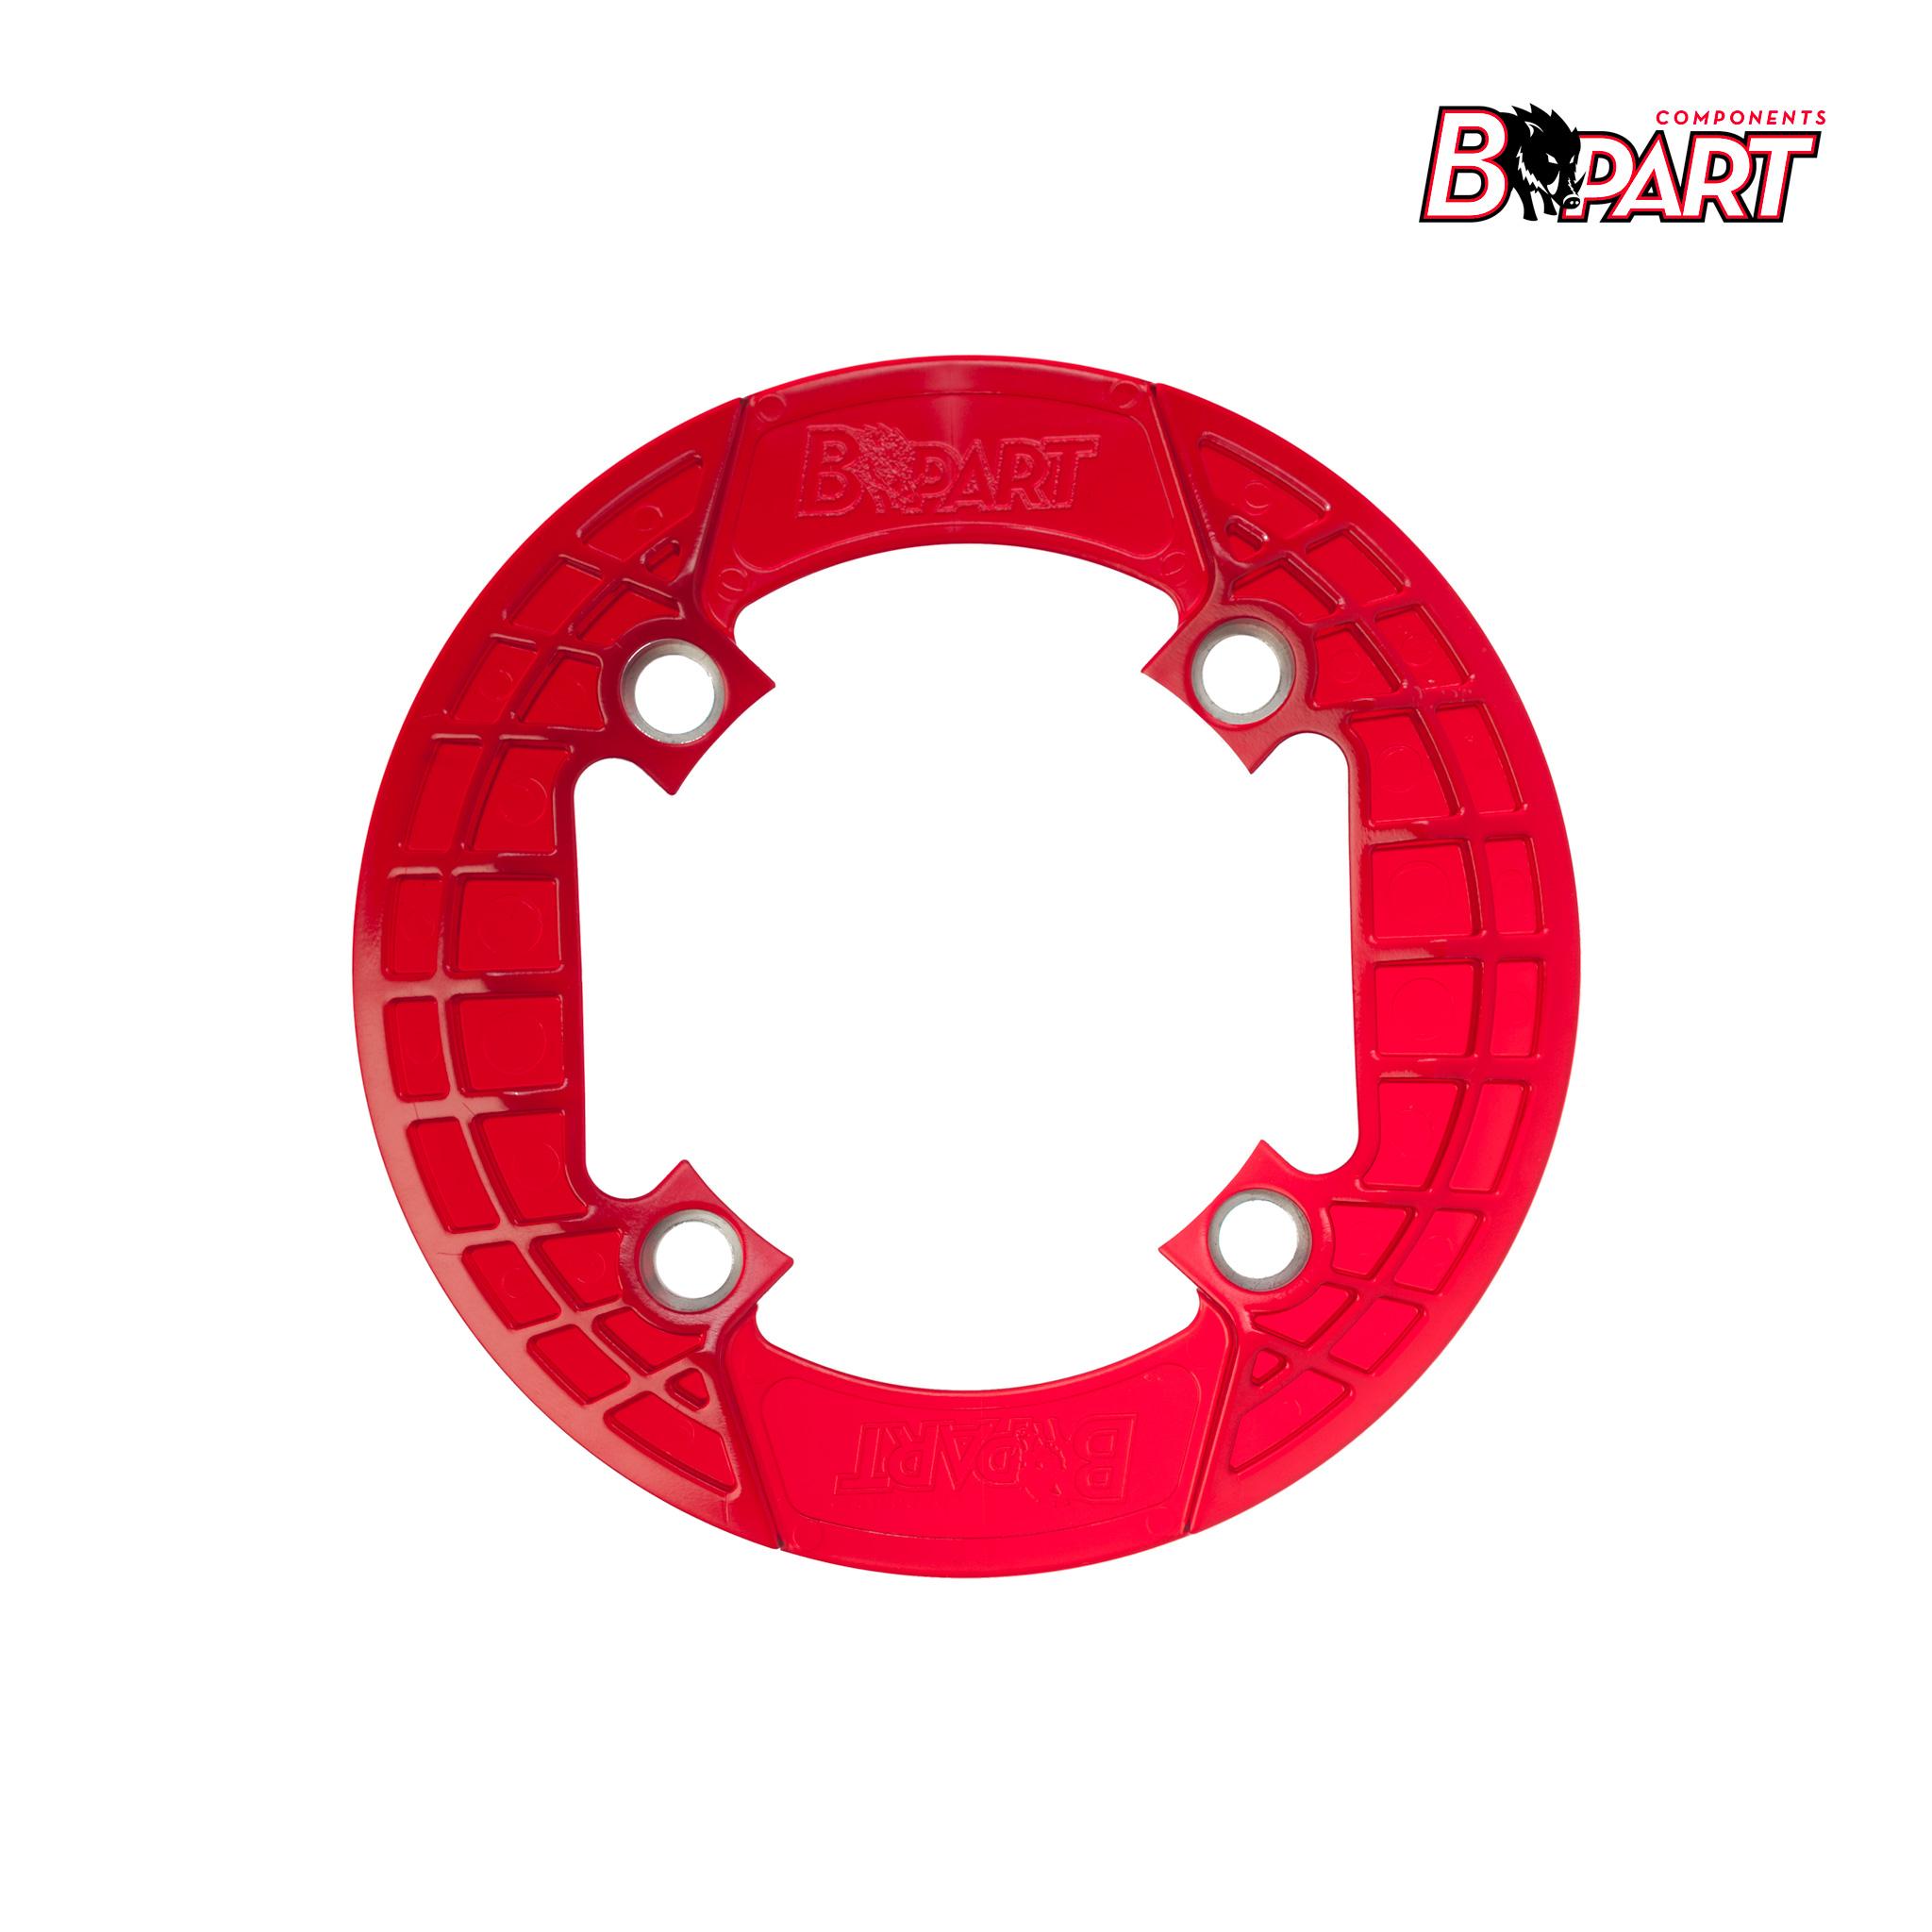 Bpart Components cubreplatos rojo traslucido